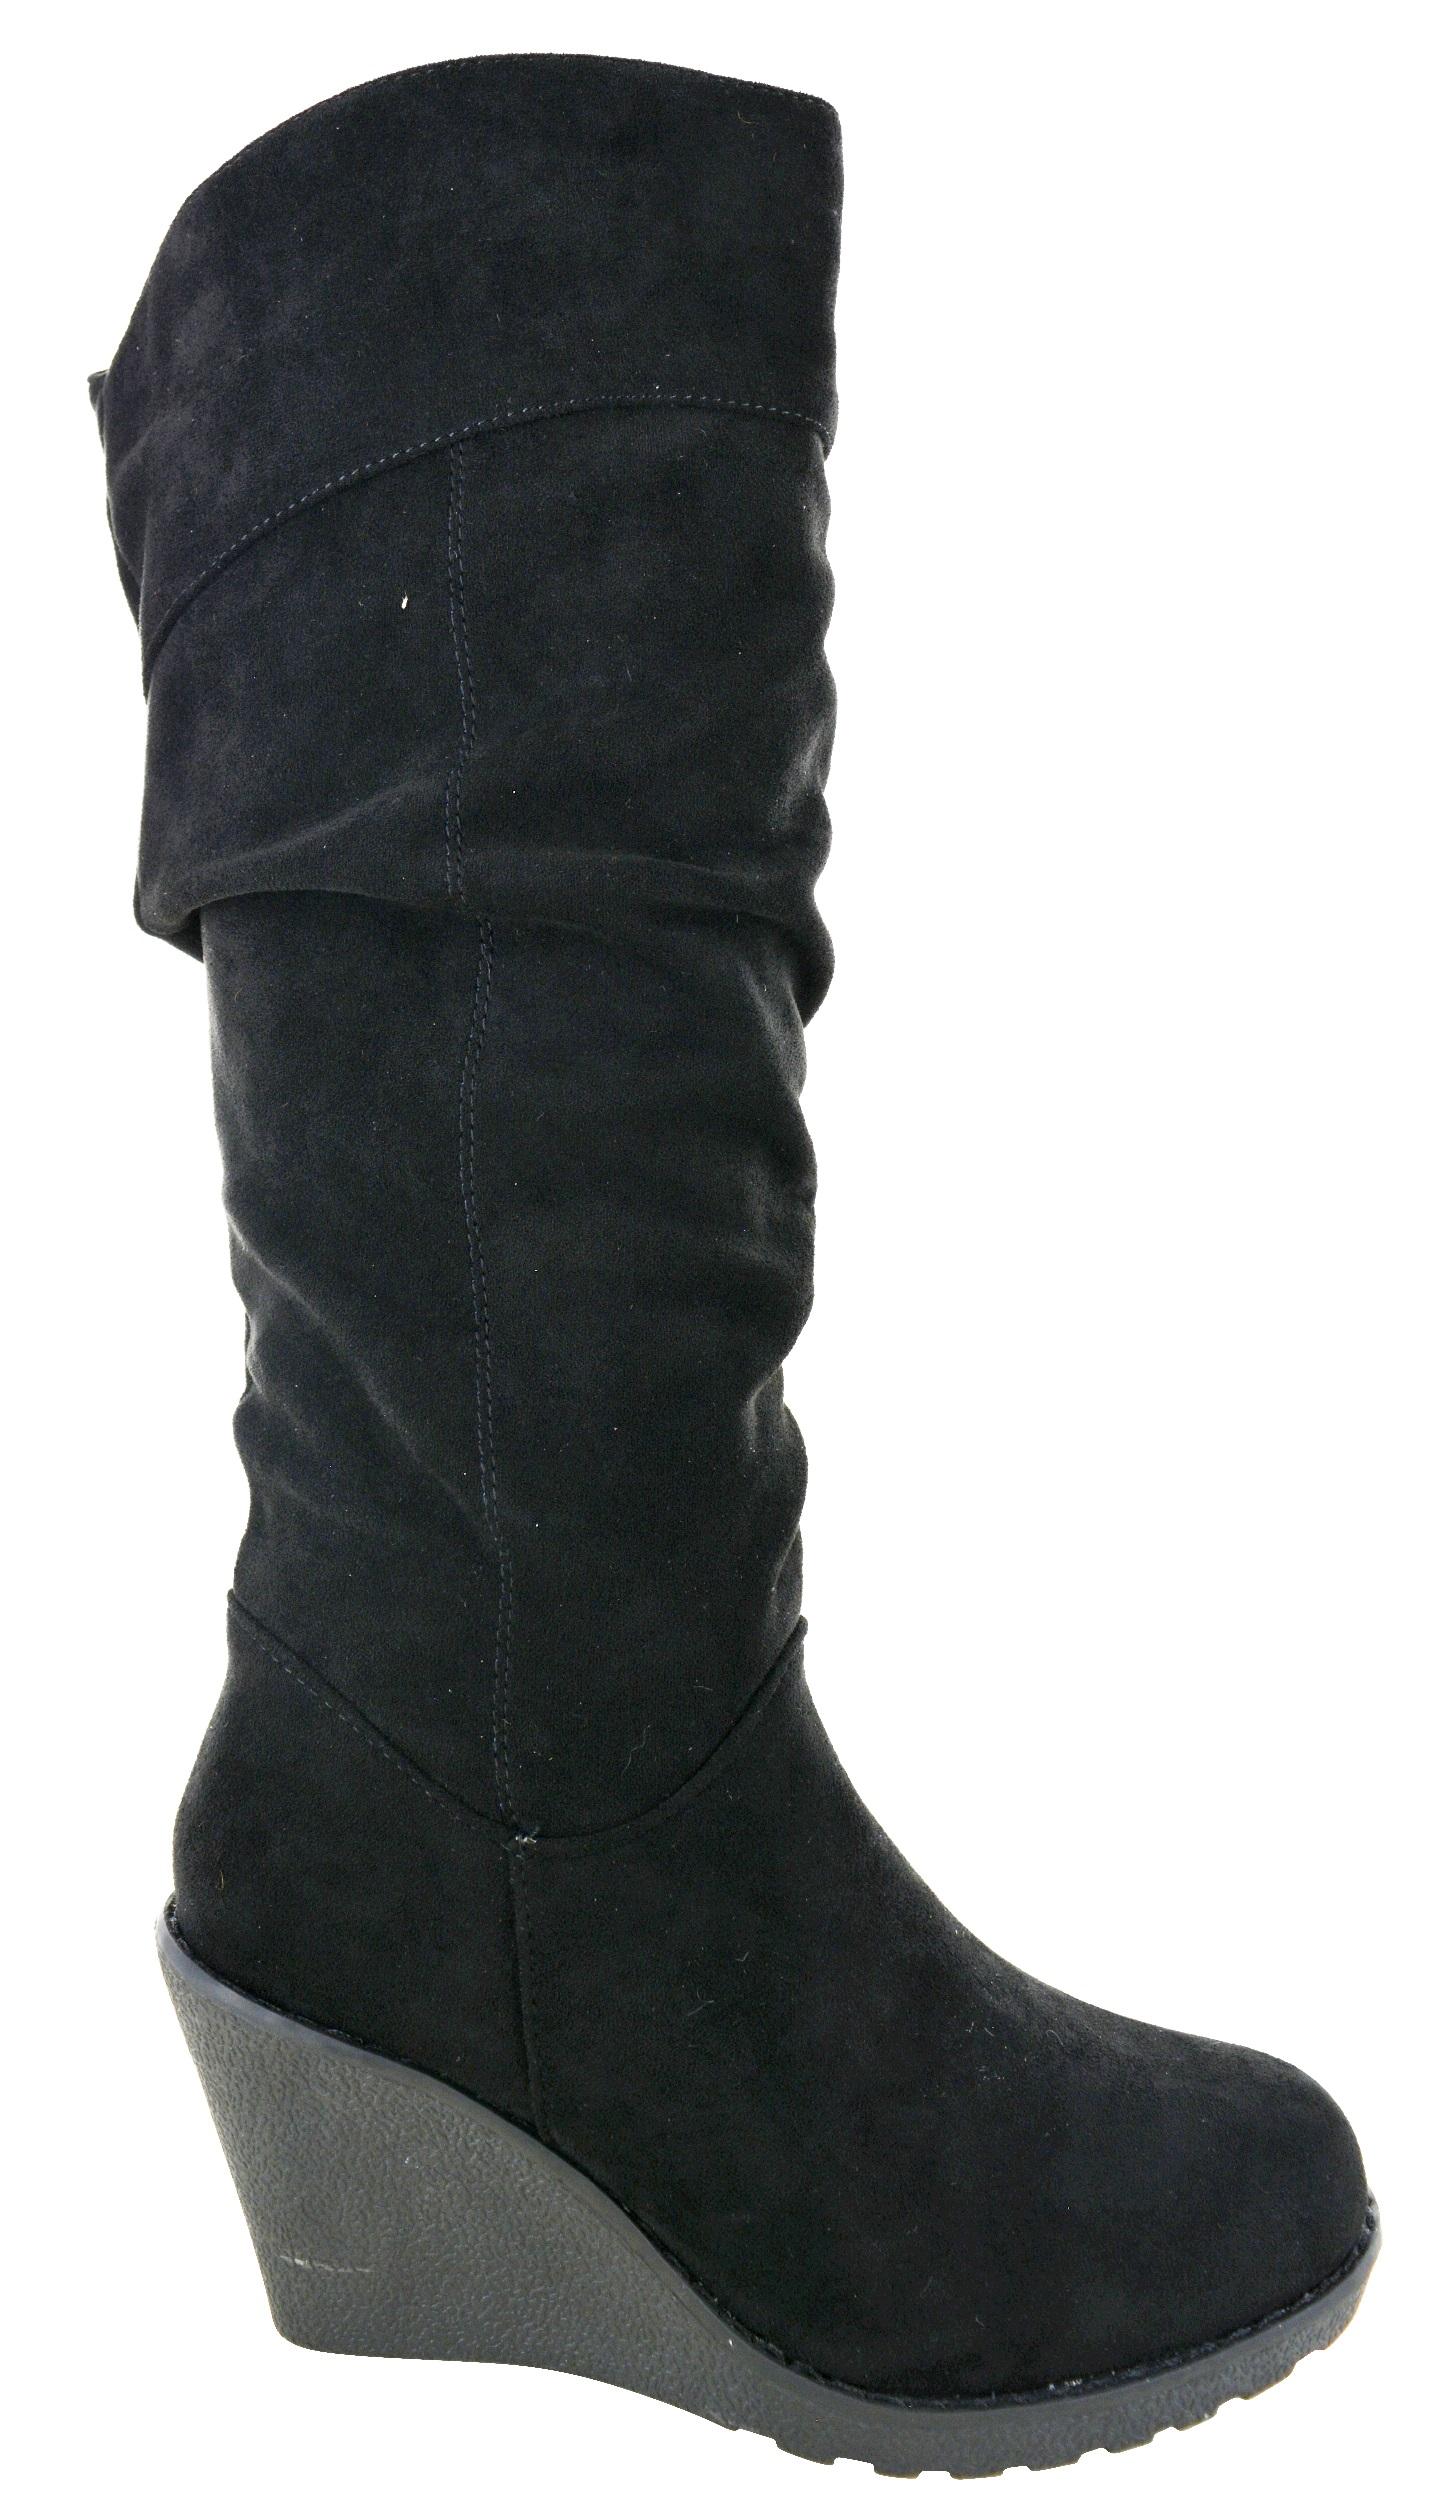 178442ddcb16 Čižmy na platforme Black Suede – Sissy Boutique